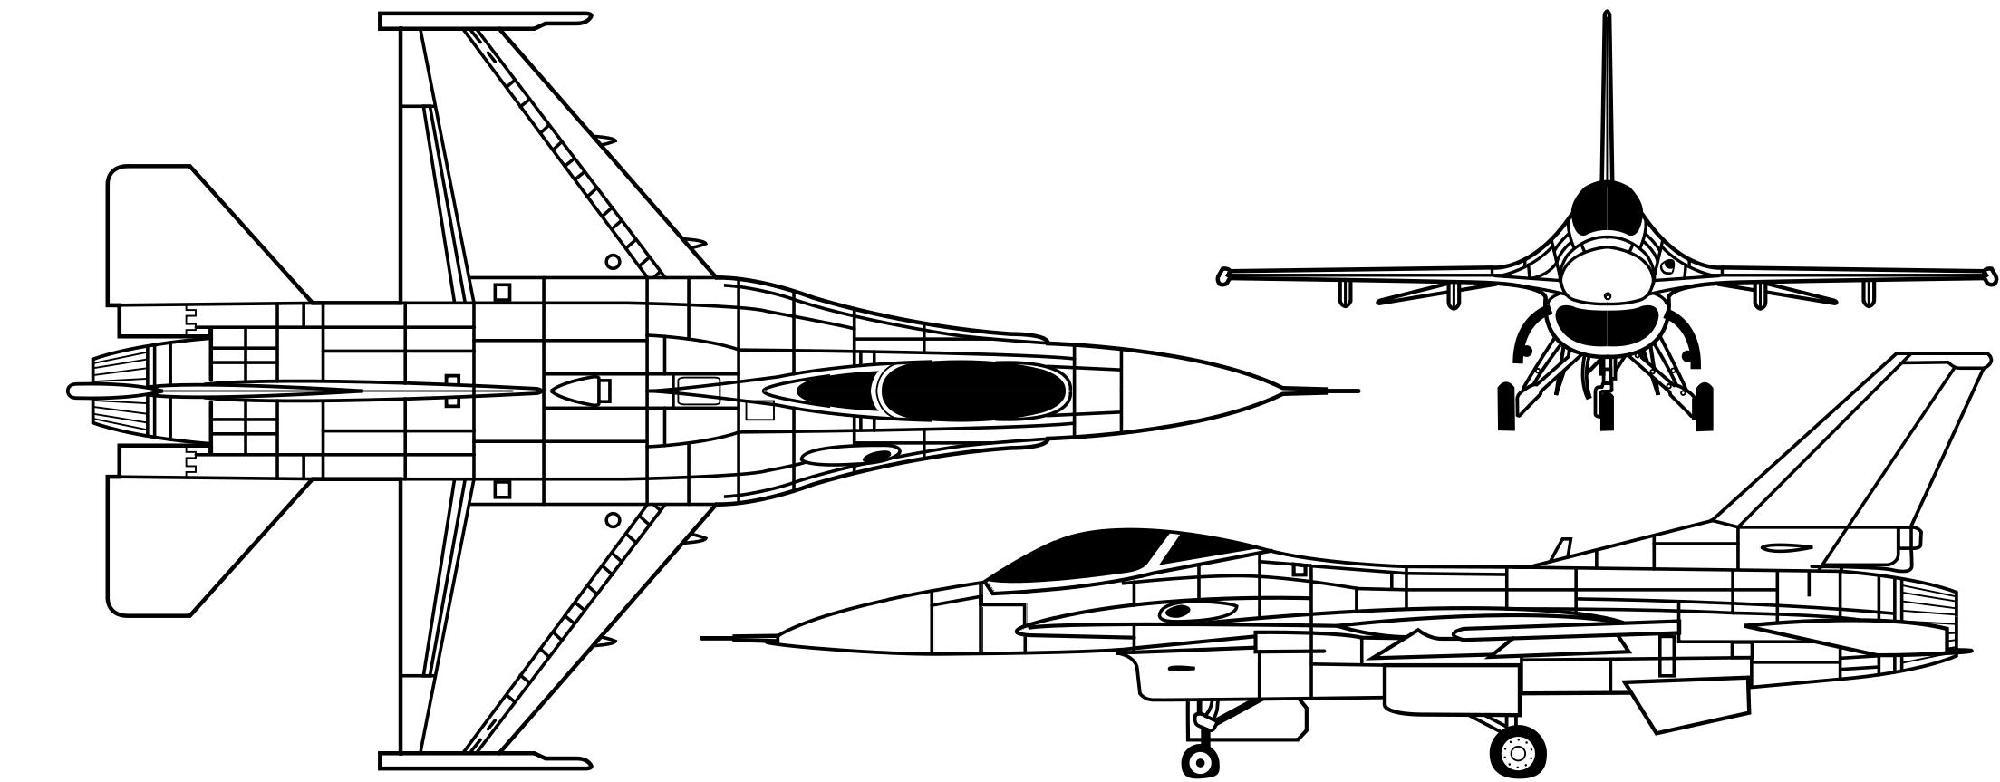 f-16三视图